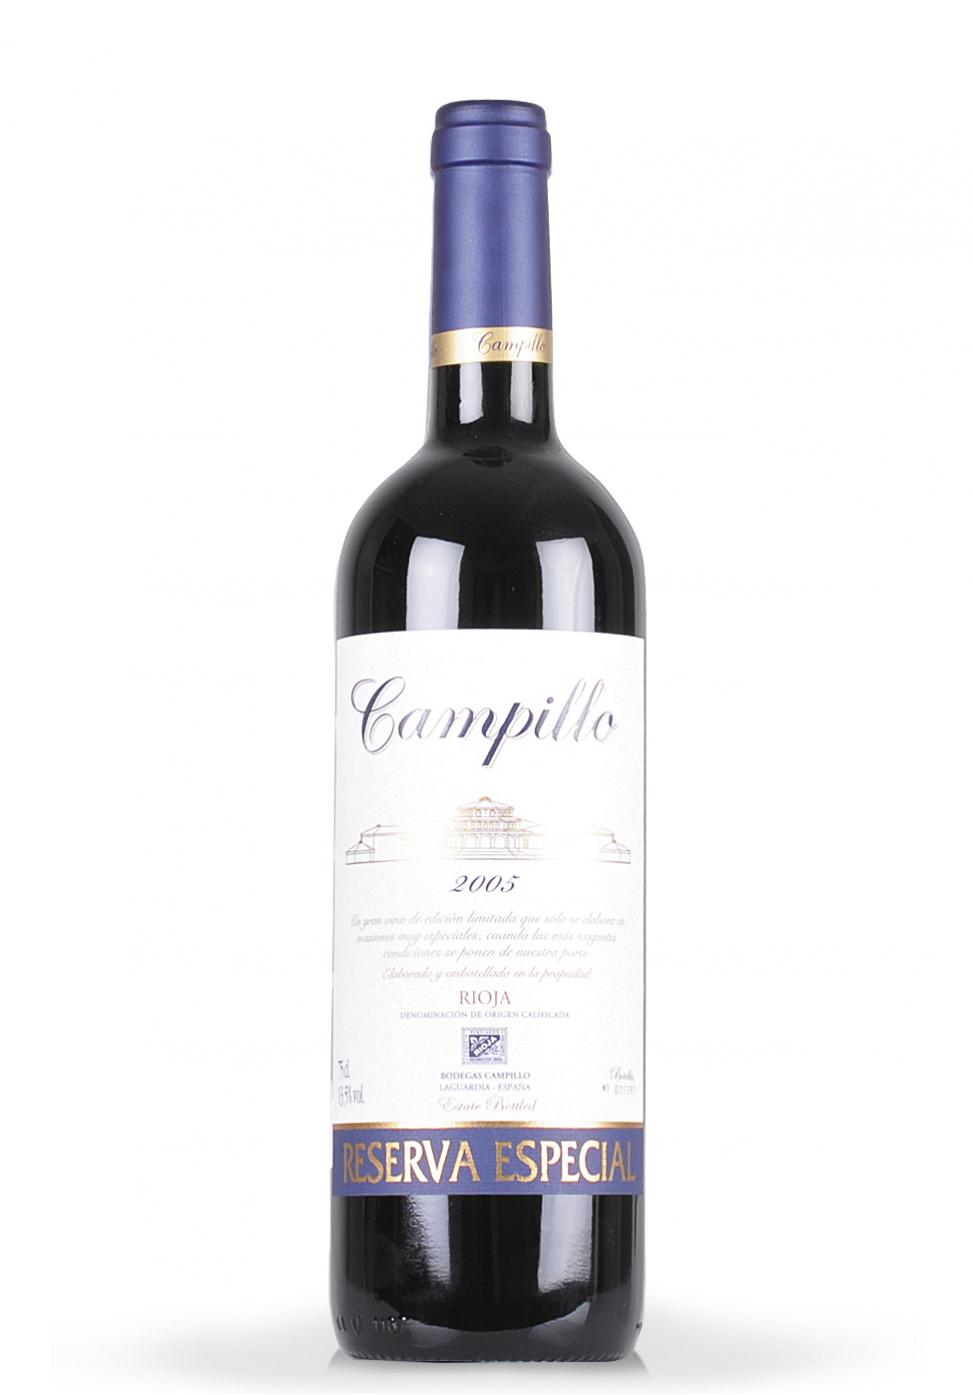 Vin Campillo, DOC Rioja, Reserva Especial 2005 (0.75L)